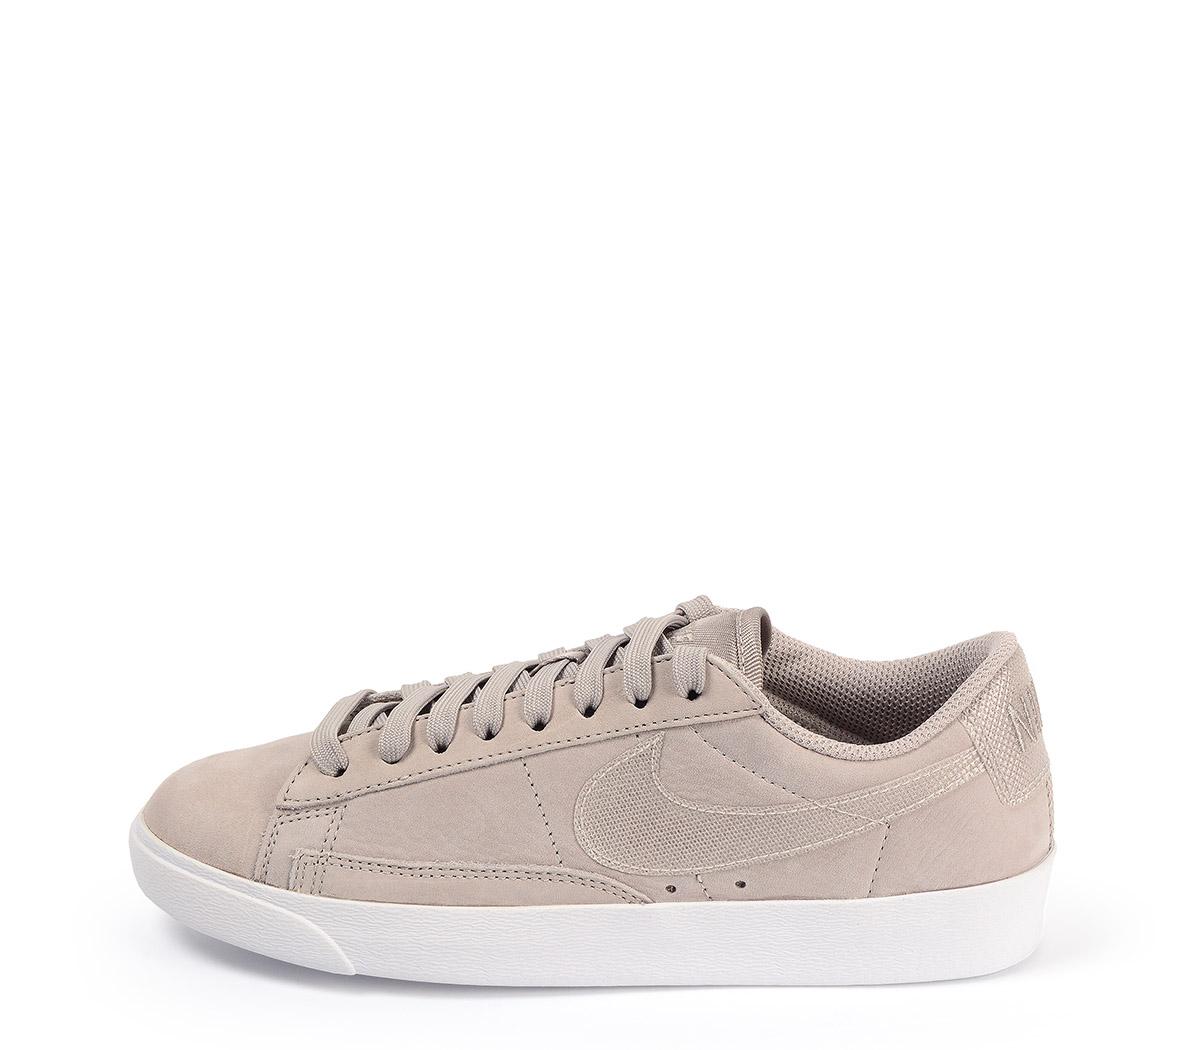 Ref: 3810 Nike W Blazer ante beige con cordones al tono y suela blanca. Simbolo efecto brillante.